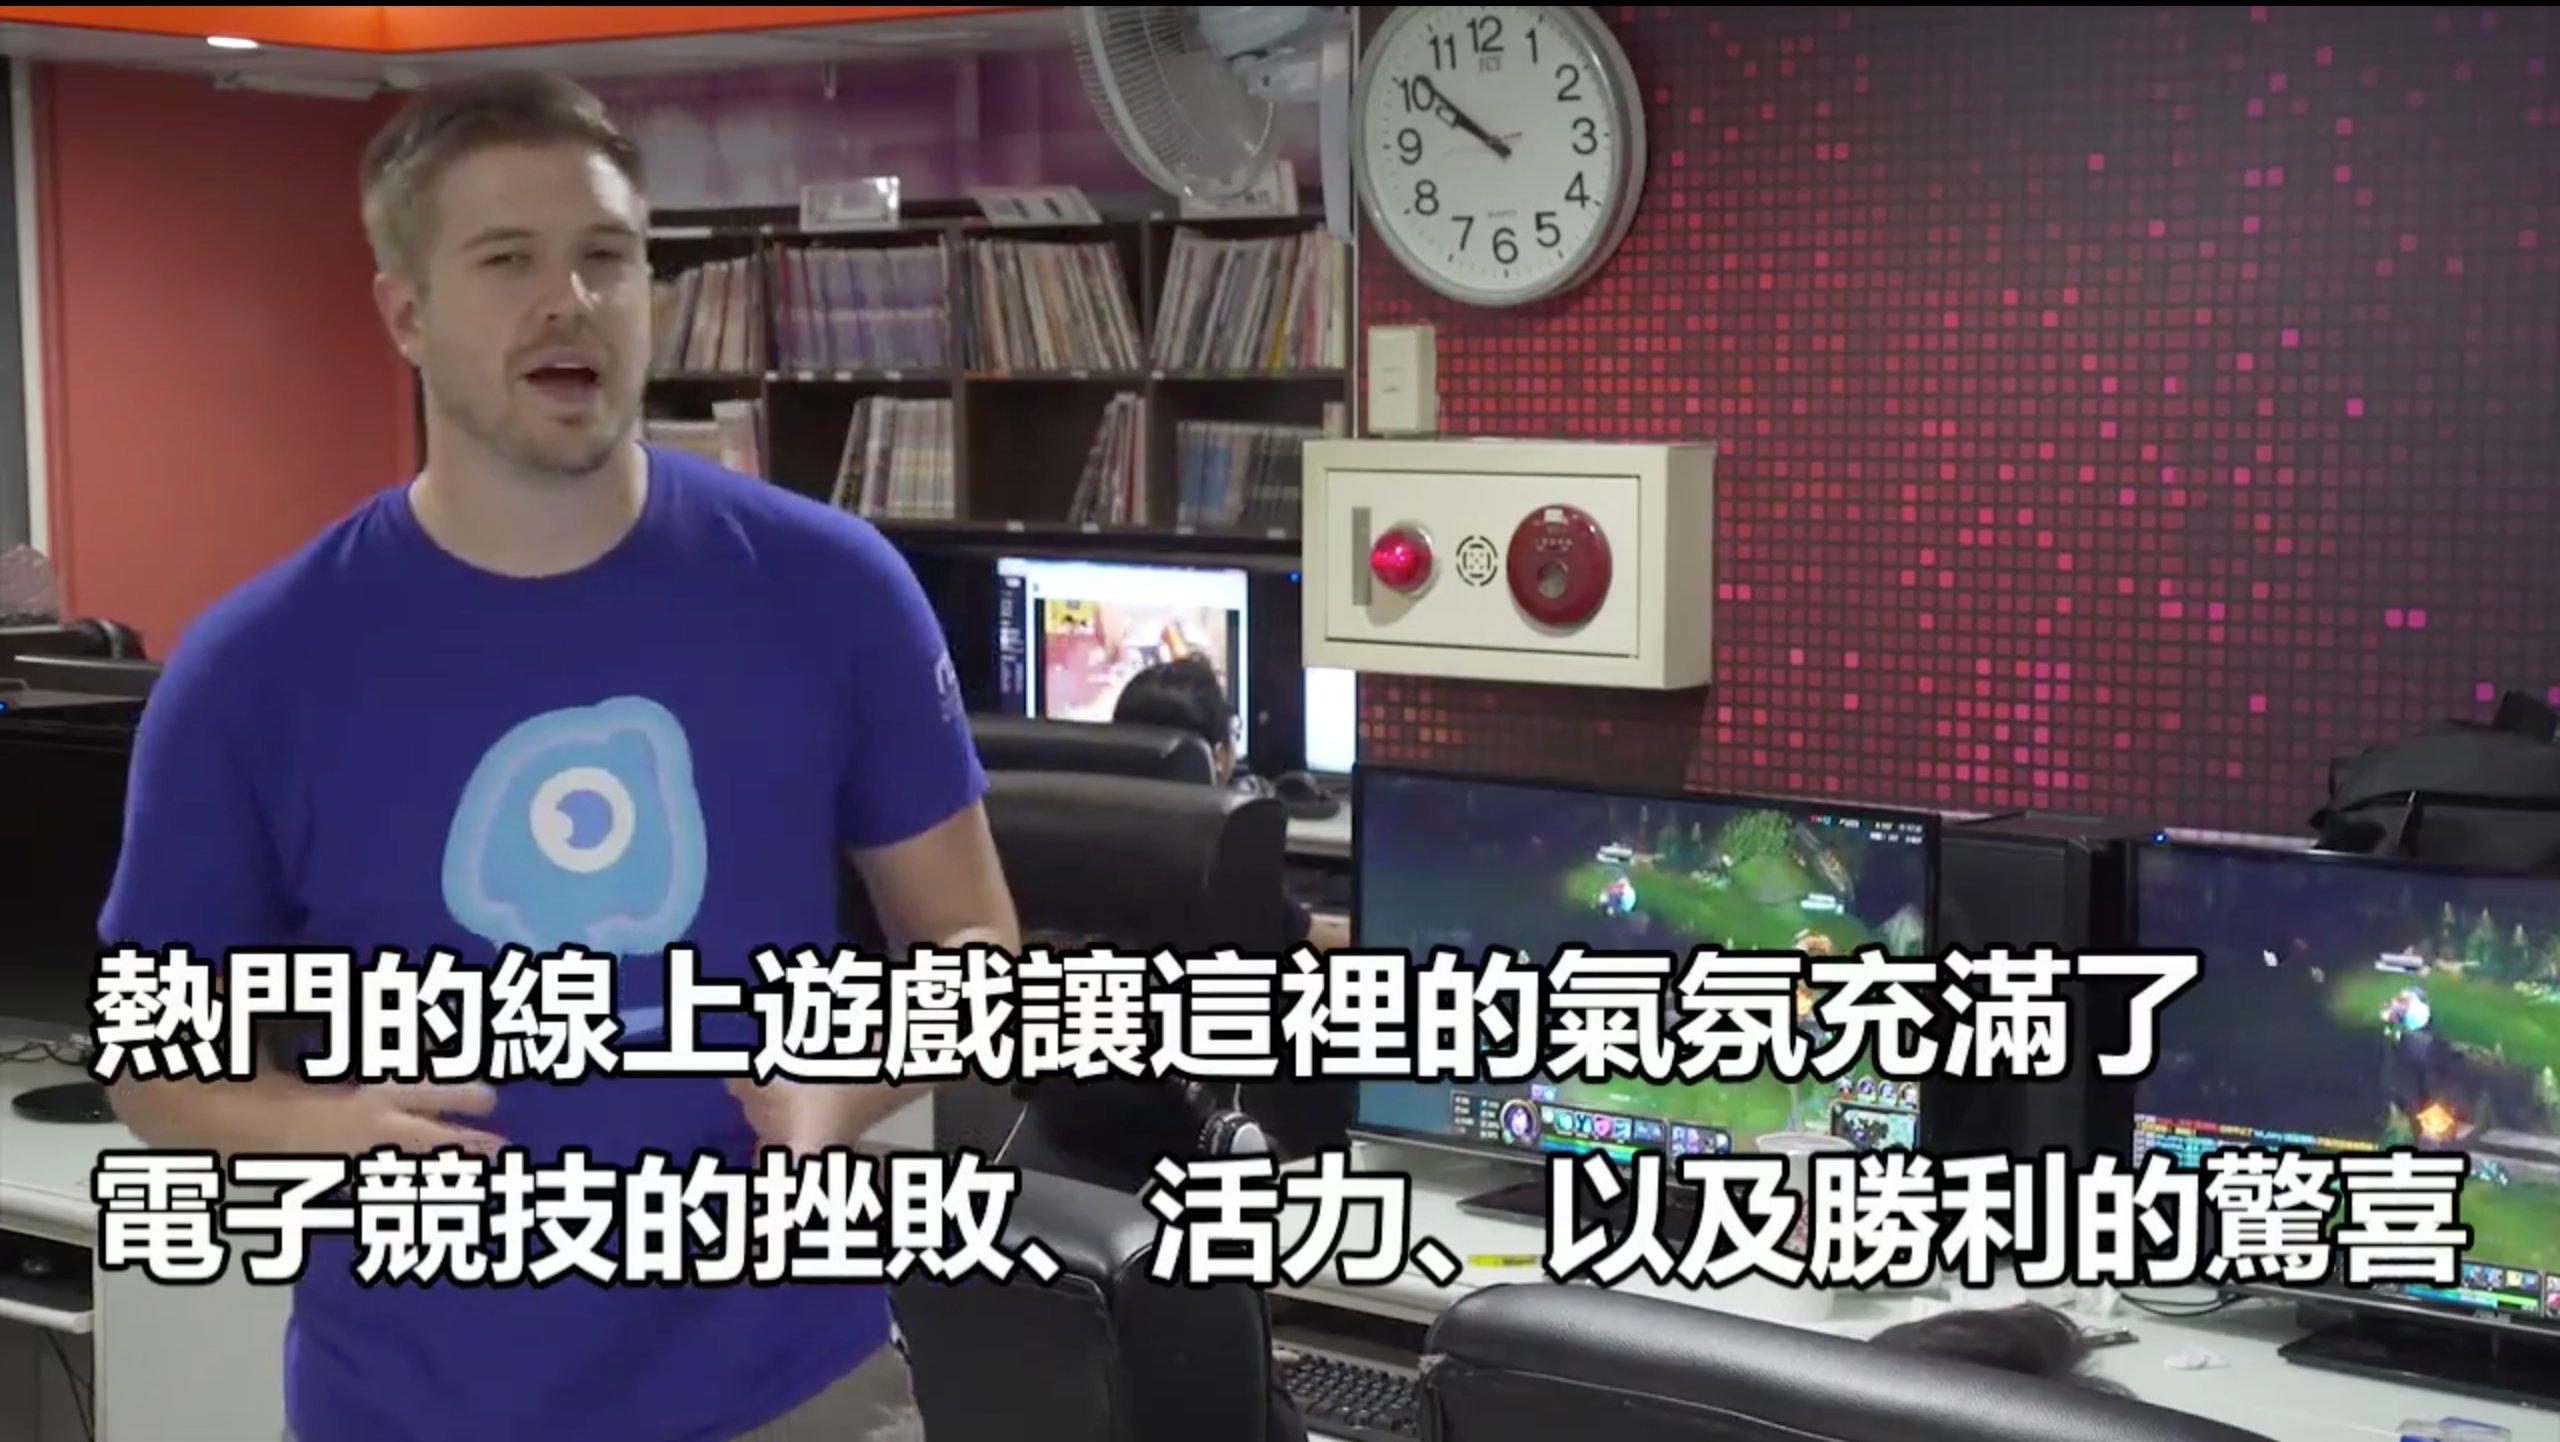 e89ea2e5b995e5bfabe785a7 2017 12 05 e4b88be58d8812 42 04 2 - 外國人眼裡的網咖 究竟是台灣之恥還是台灣之光?